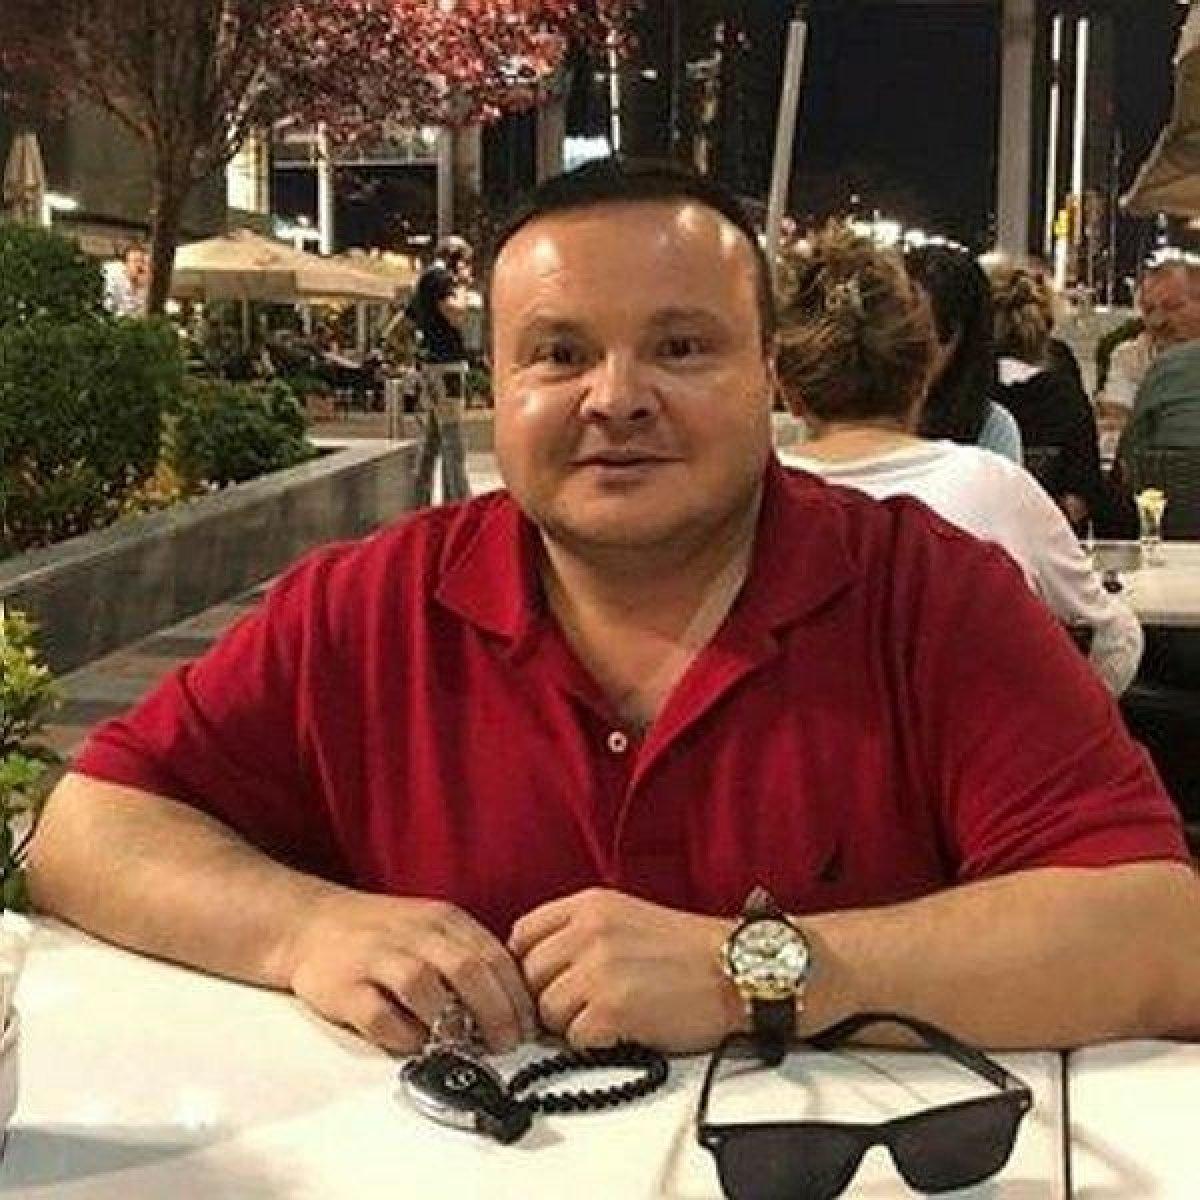 Savunma sanayideki casus Yusuf Hakan Özbilgin tutuklandı #1